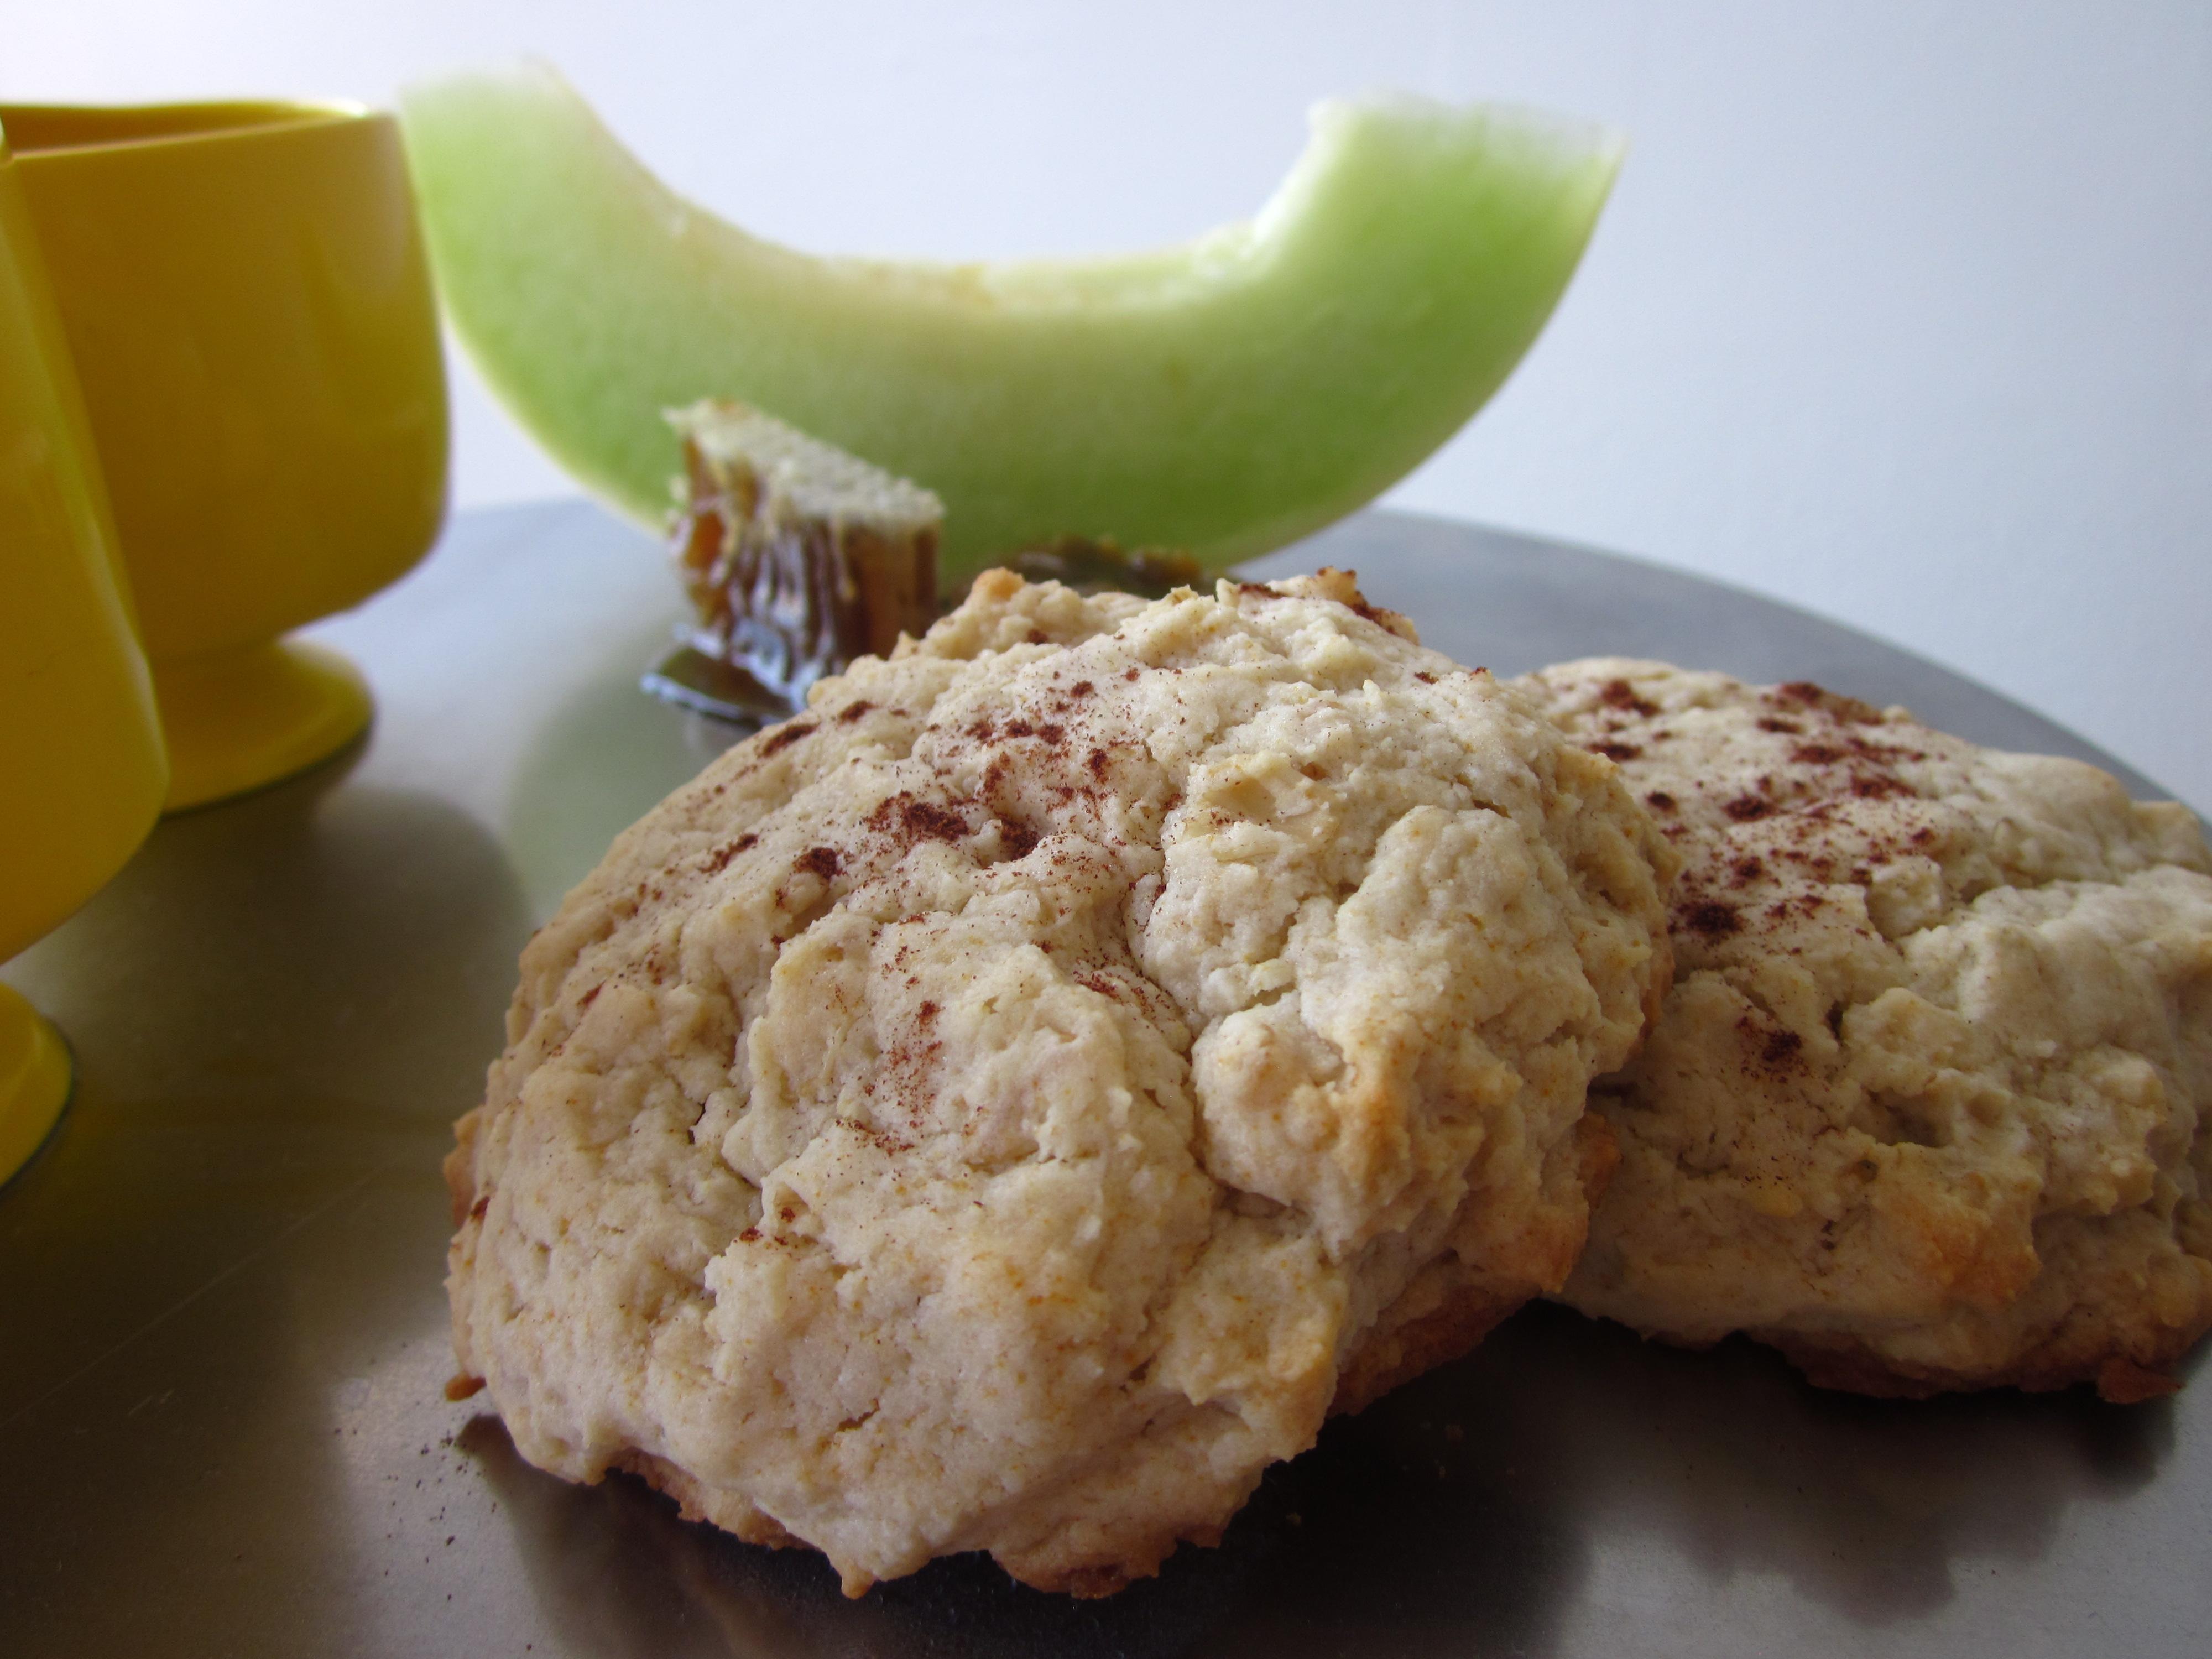 matilda-roald-dahl-honey-oatmeal-scones-recipe